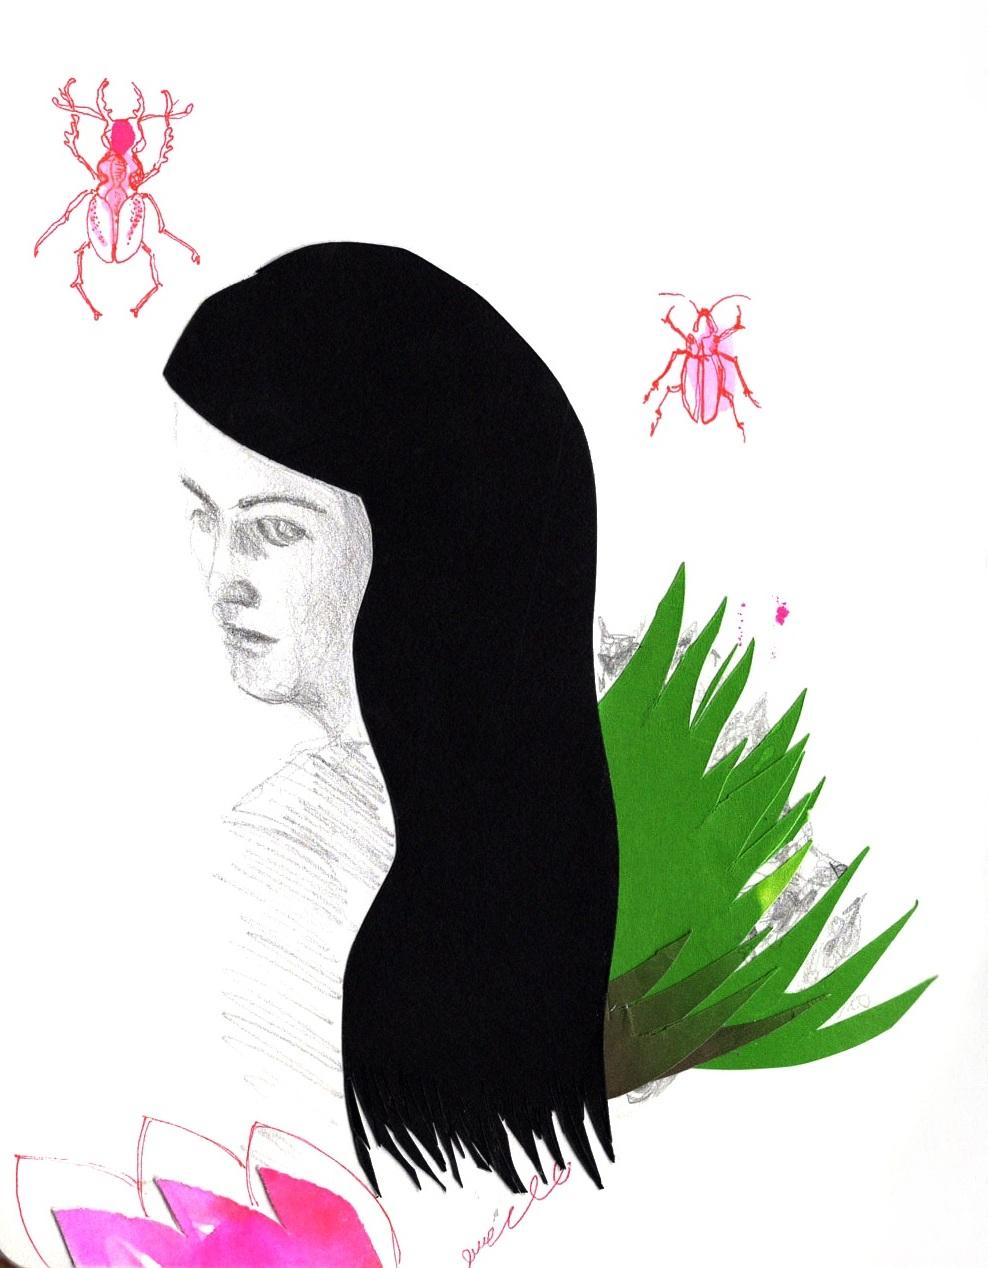 cora-marinoff-personal-work-painting-june-girl